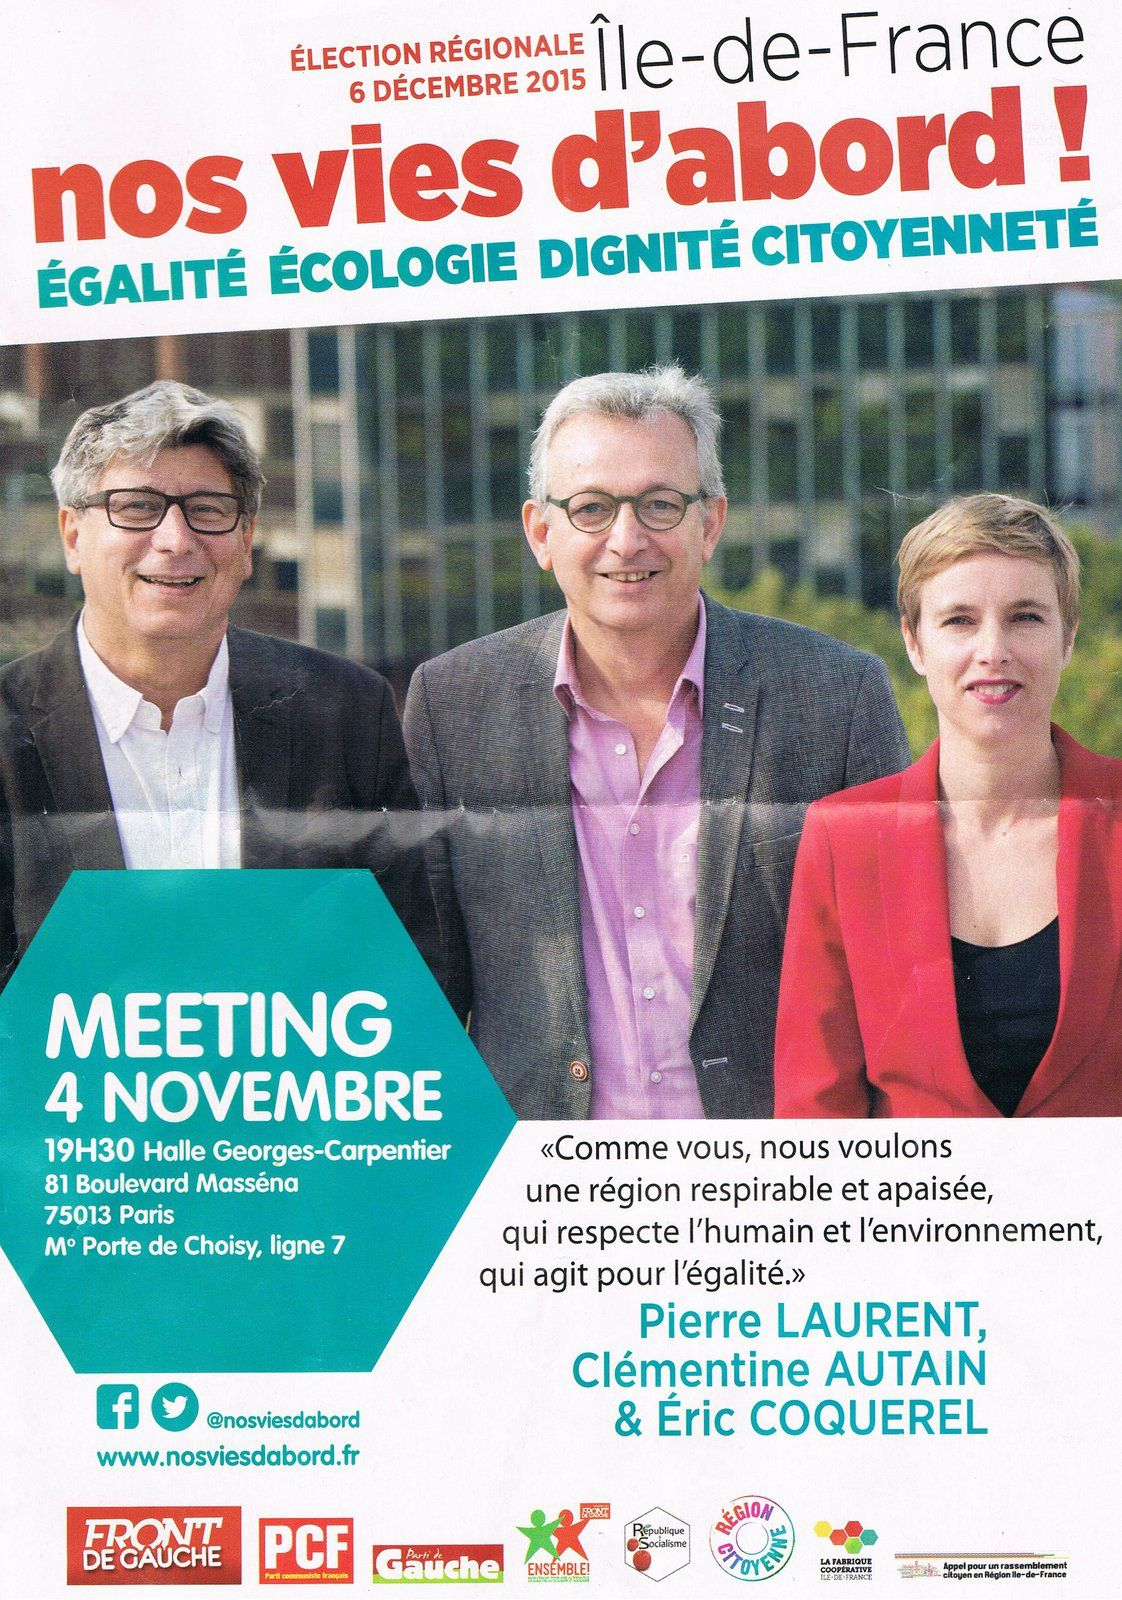 nos vies d'abord: meeting régional le 4 novembre